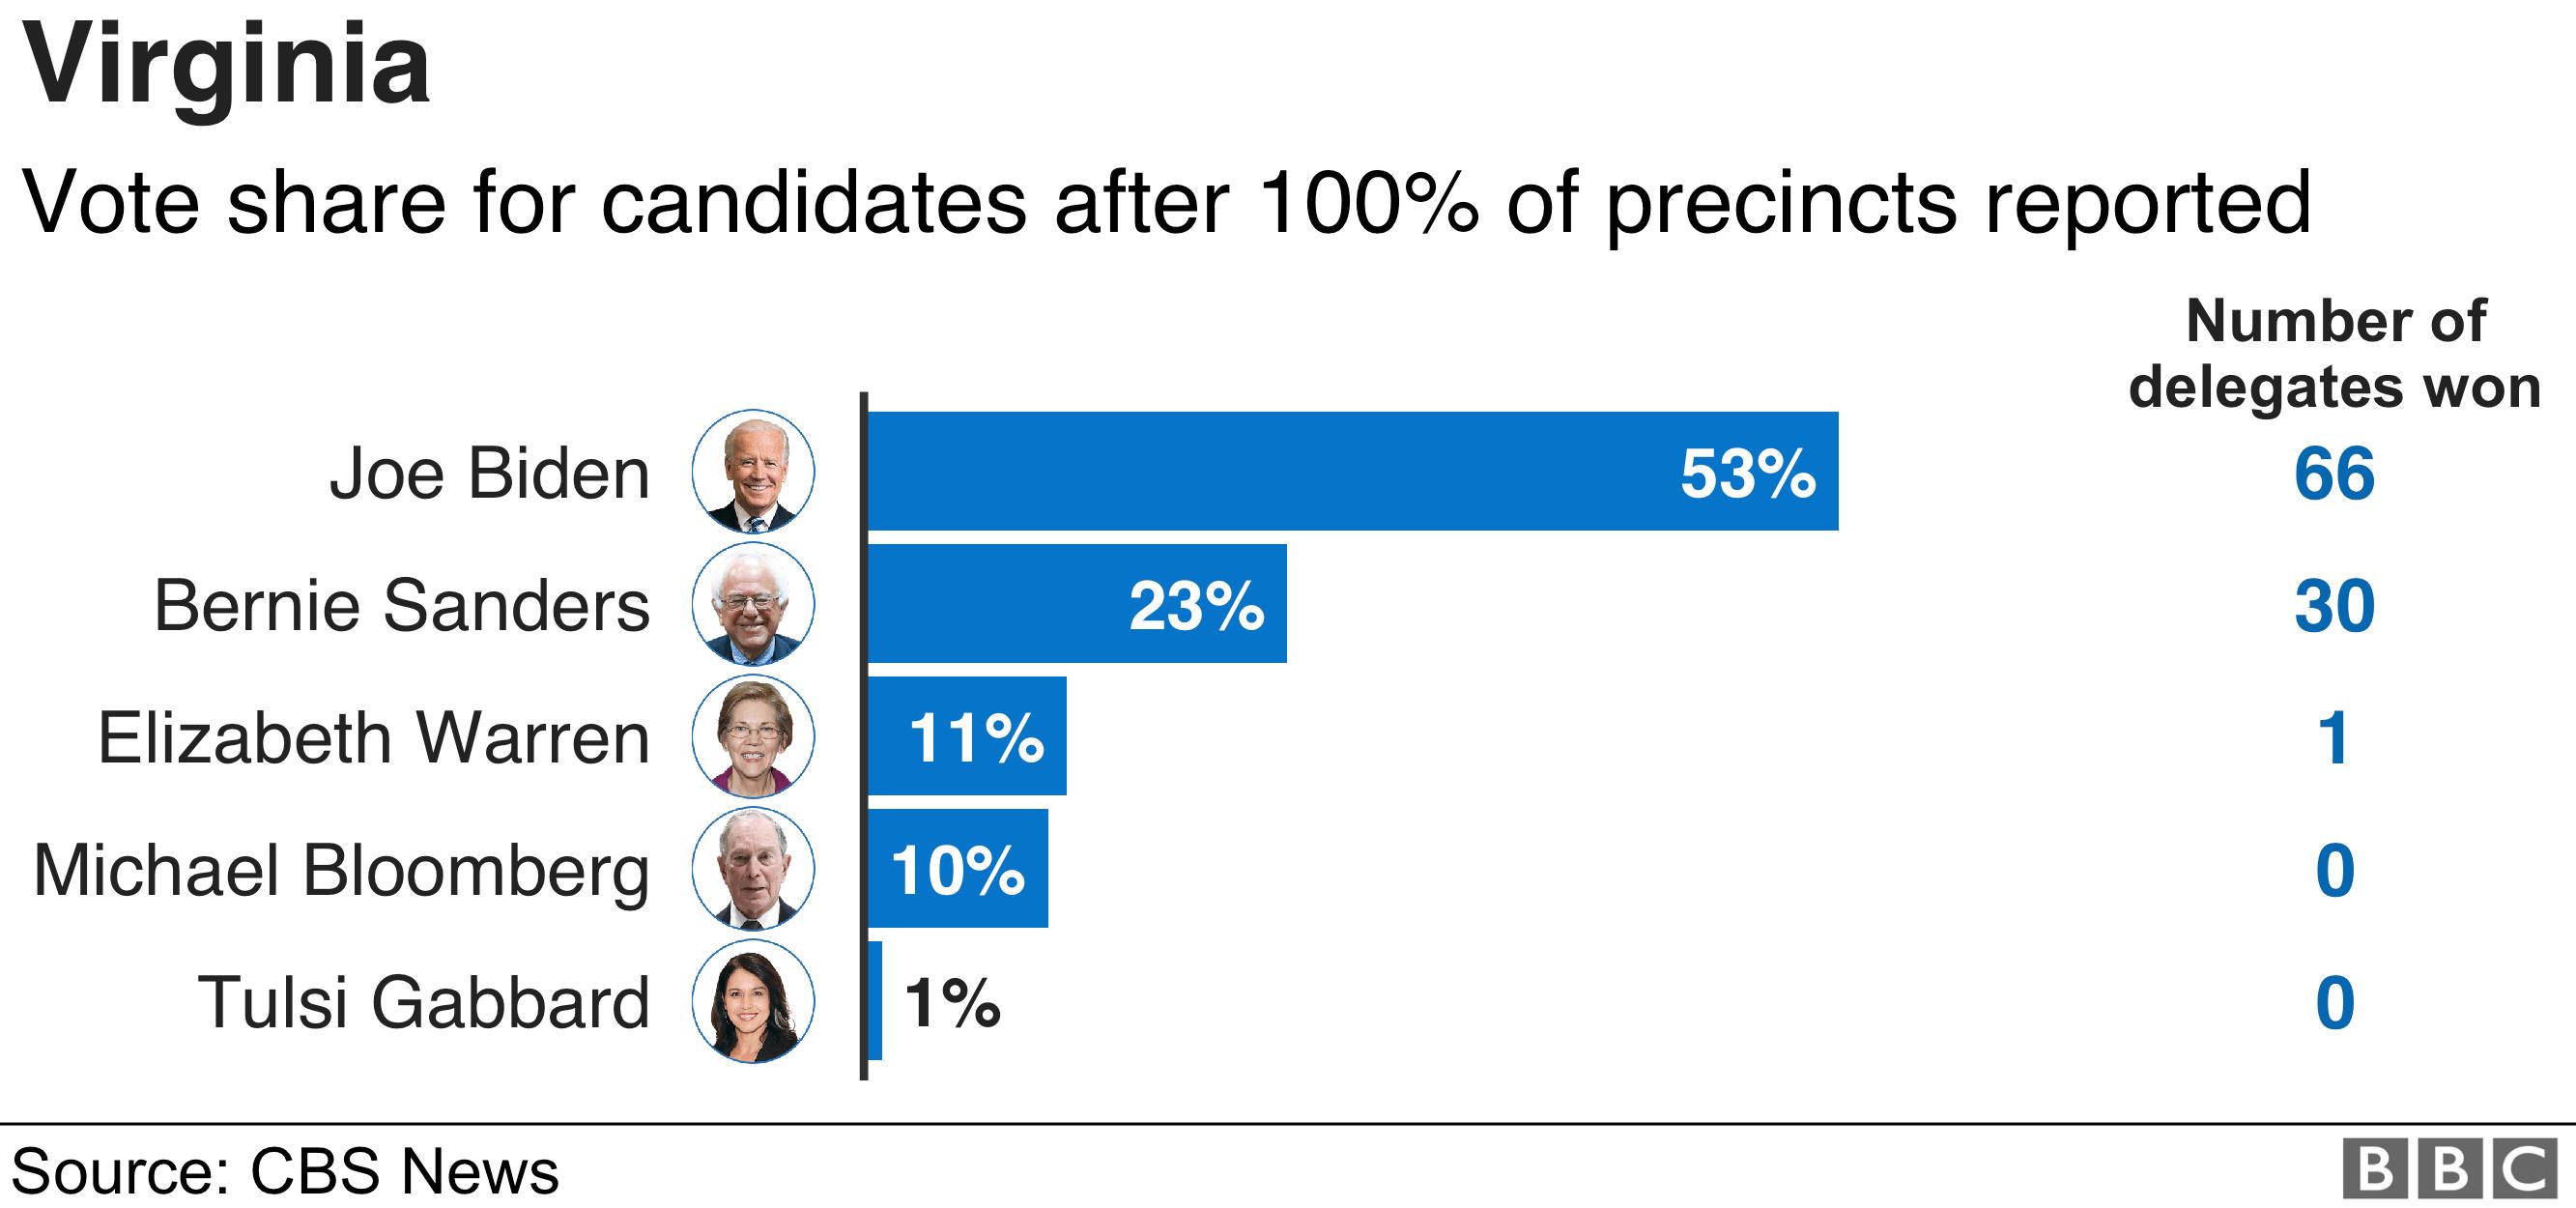 Virginia results